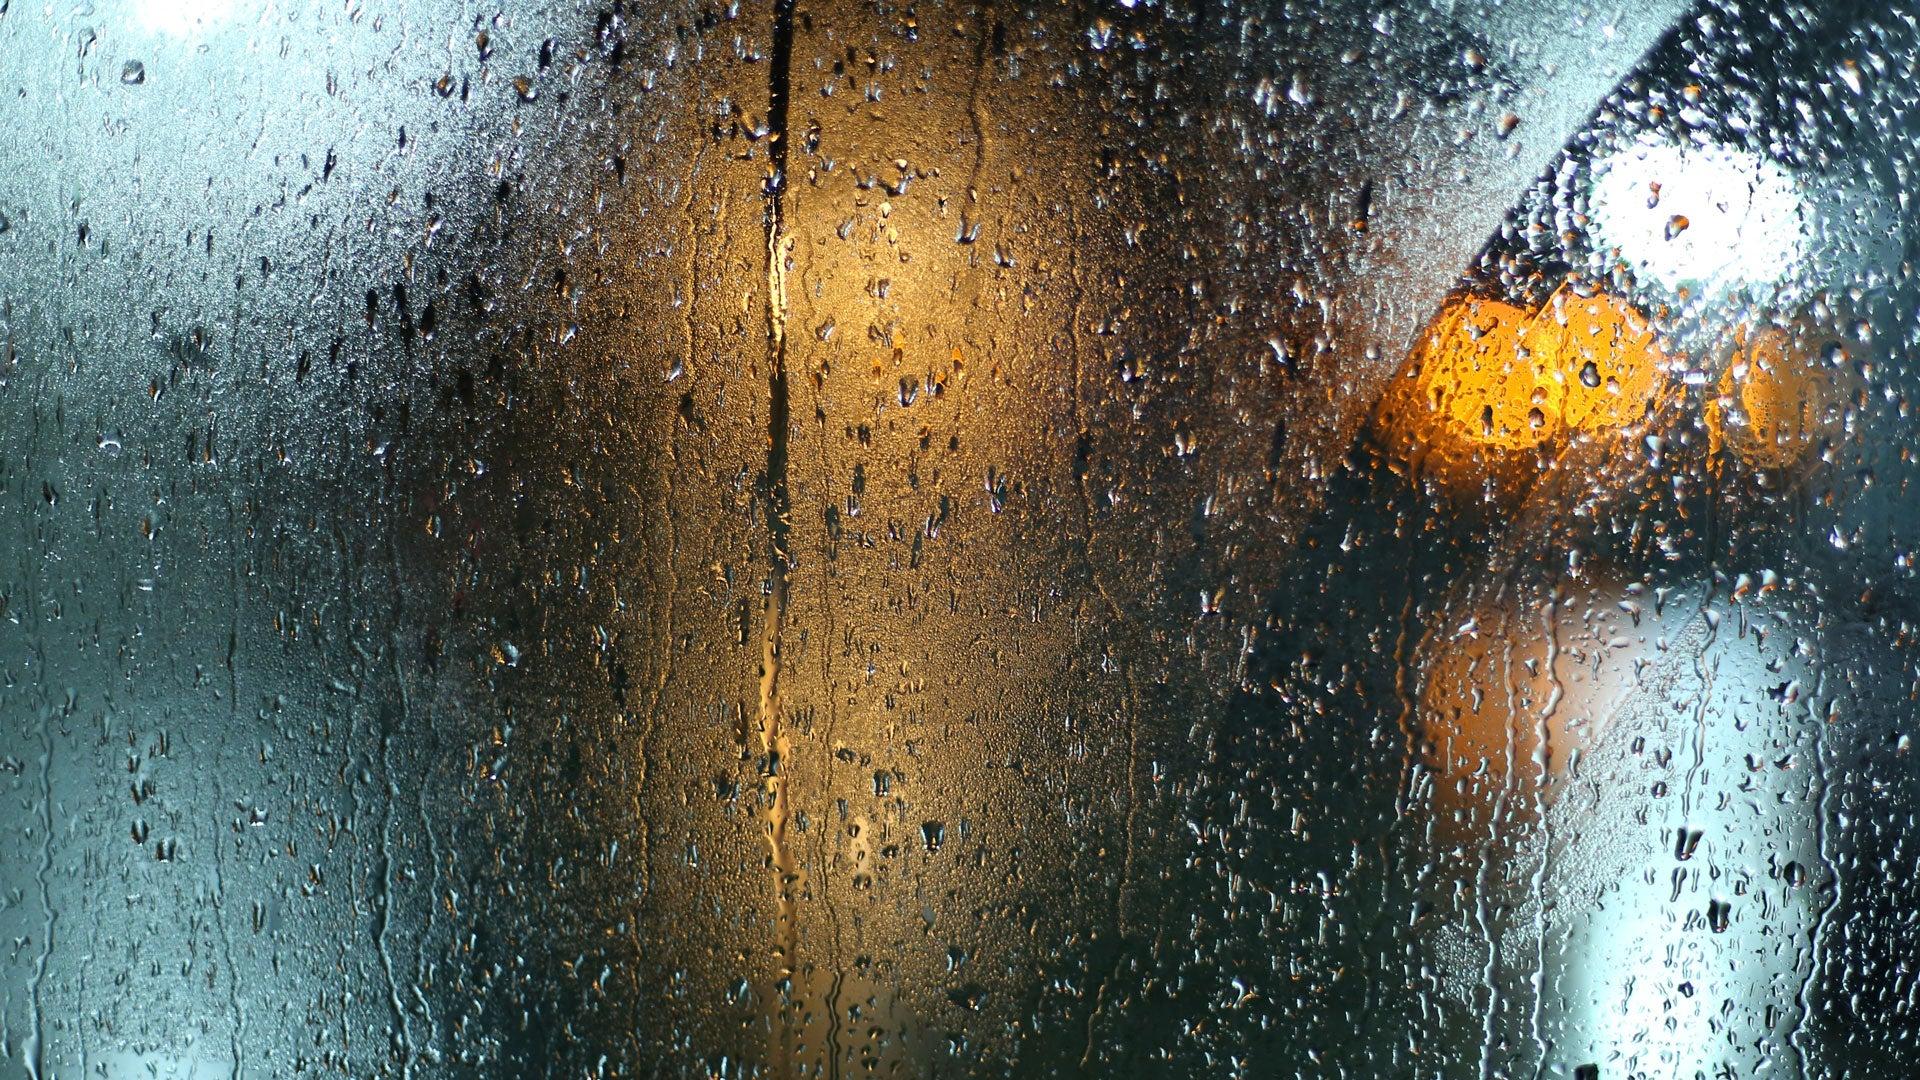 Météo : un week-end froid et pluvieux en prévision